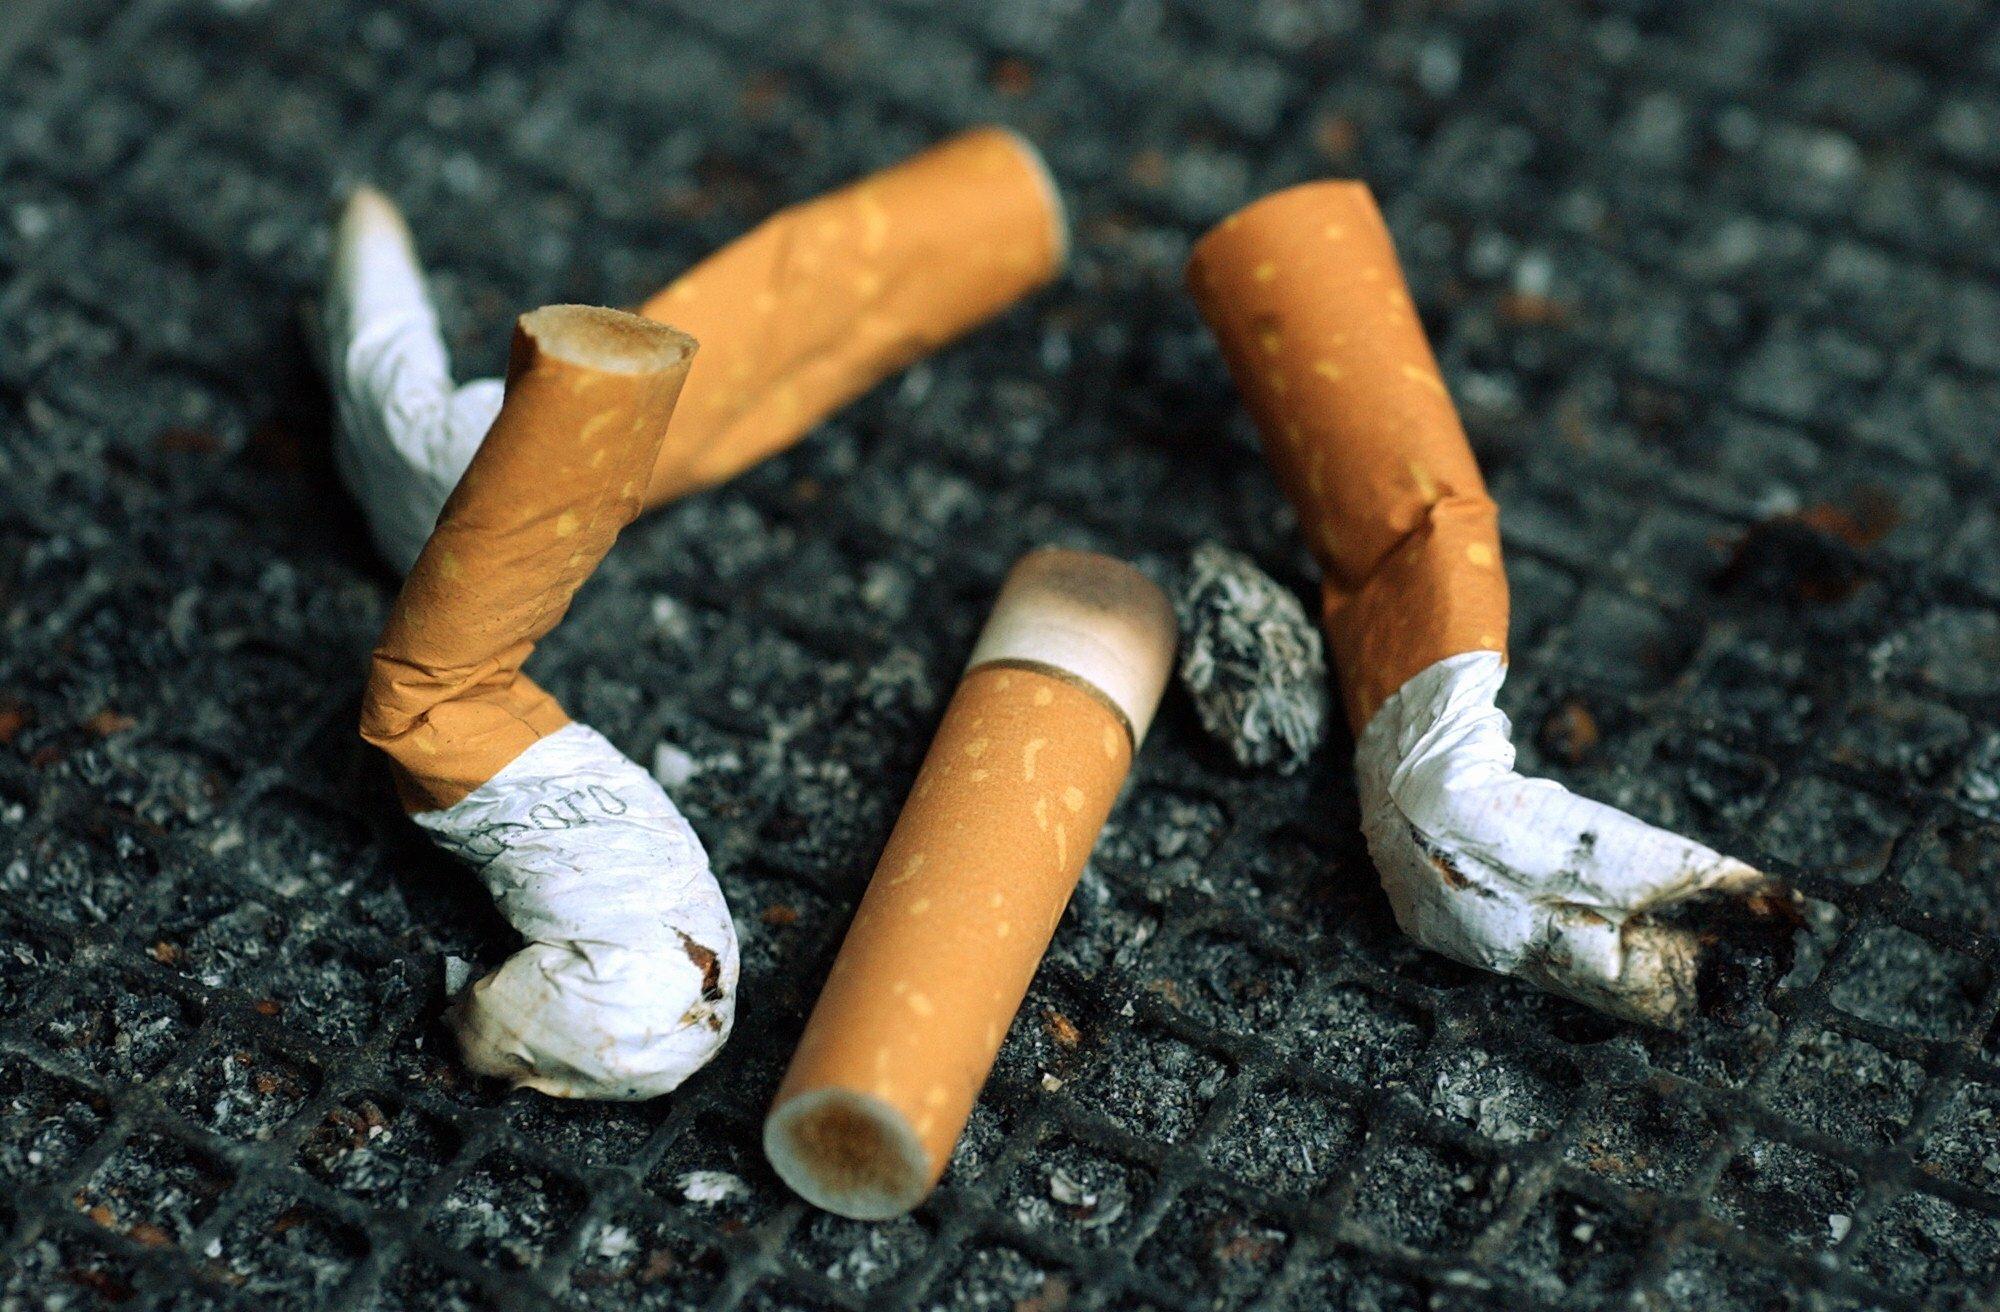 Jedes Jahr werden weltweit knapp 6,2 Billionen Zigaretten hergestellt, ein sehr großer Teil davon mit Filter. Diese könnte sinnvoll wiederverwertet werden.